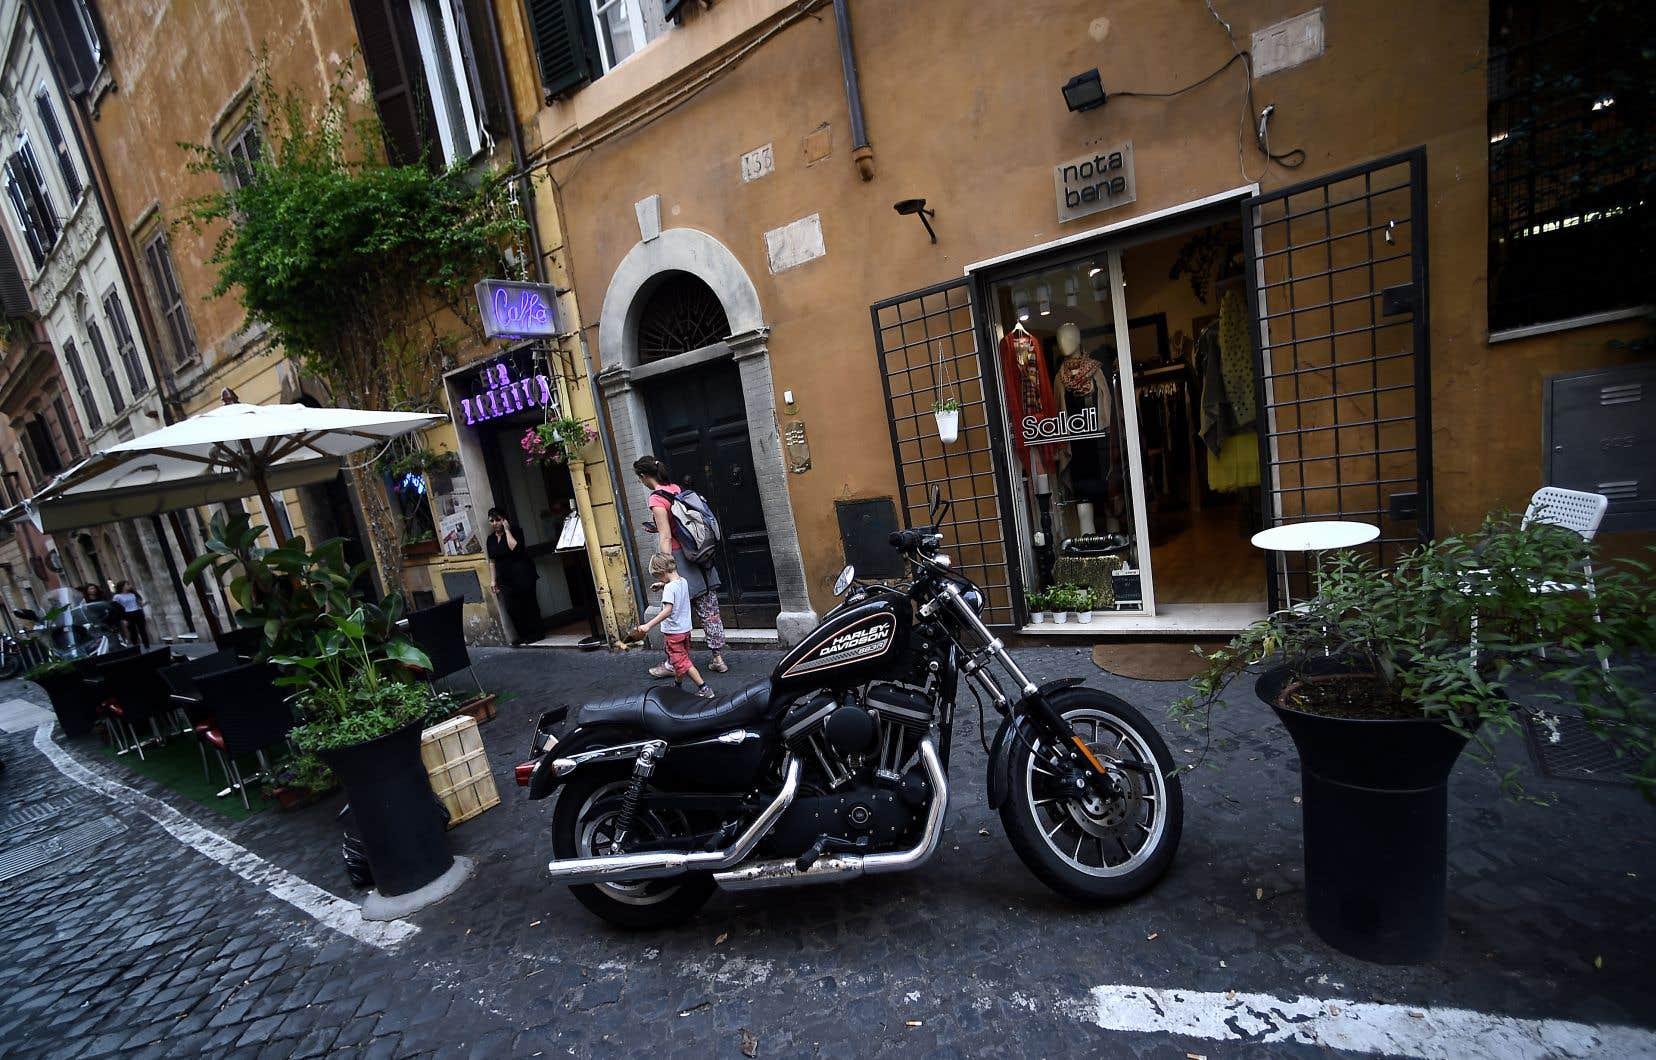 Une motocyclette Harley-Davidson dans les rues de Rome. Le marché européen est le second en importance pour la compagnie américaine, après les États-Unis.